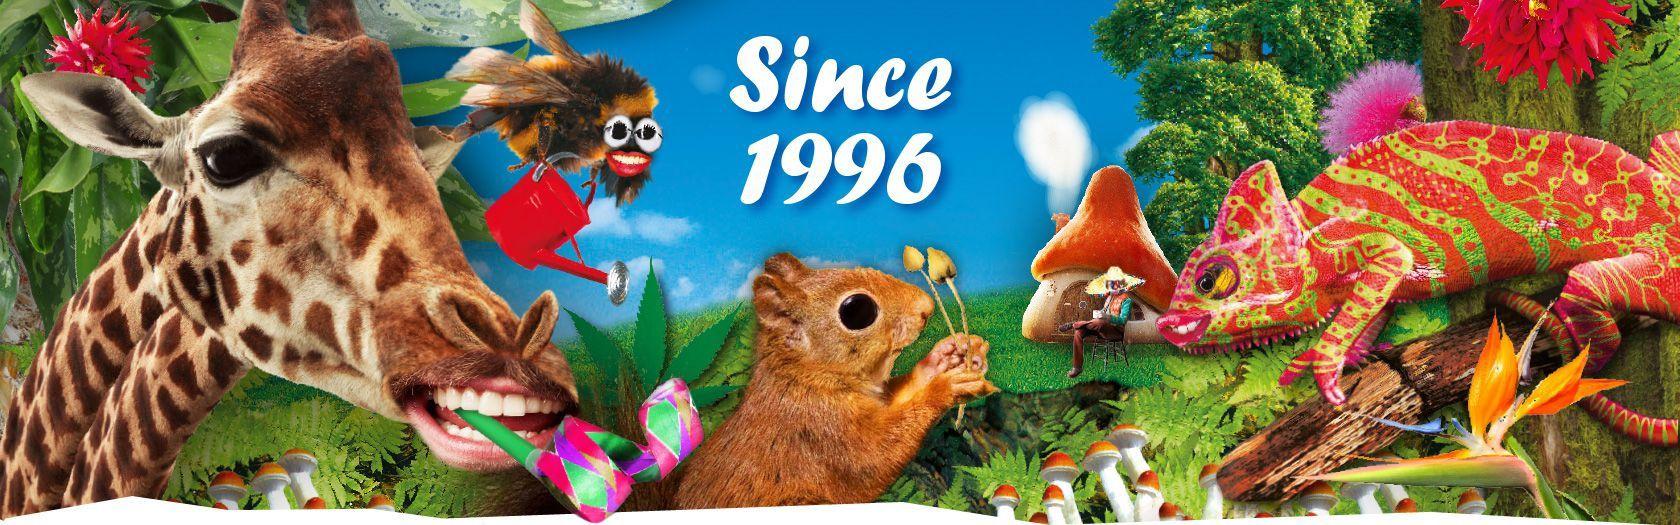 Smartshop Enschede Since 1996